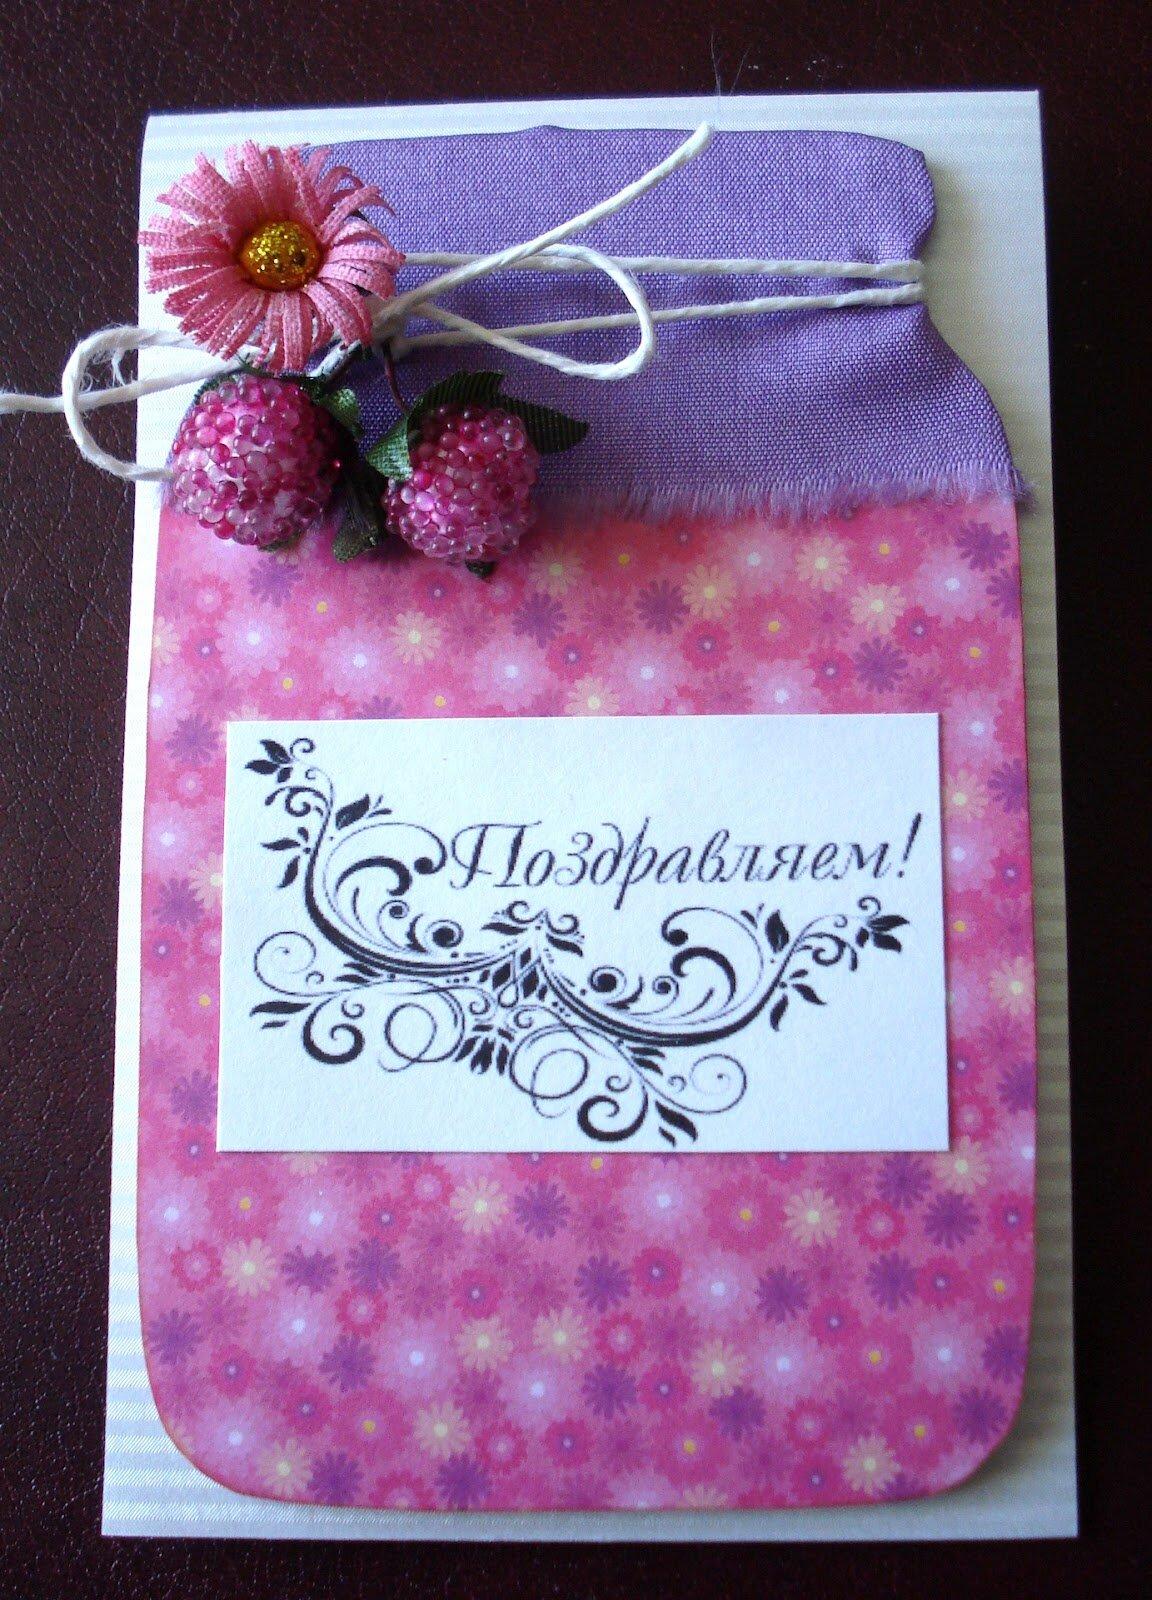 Идеи открытки бабушке на день рождения, для всемирного